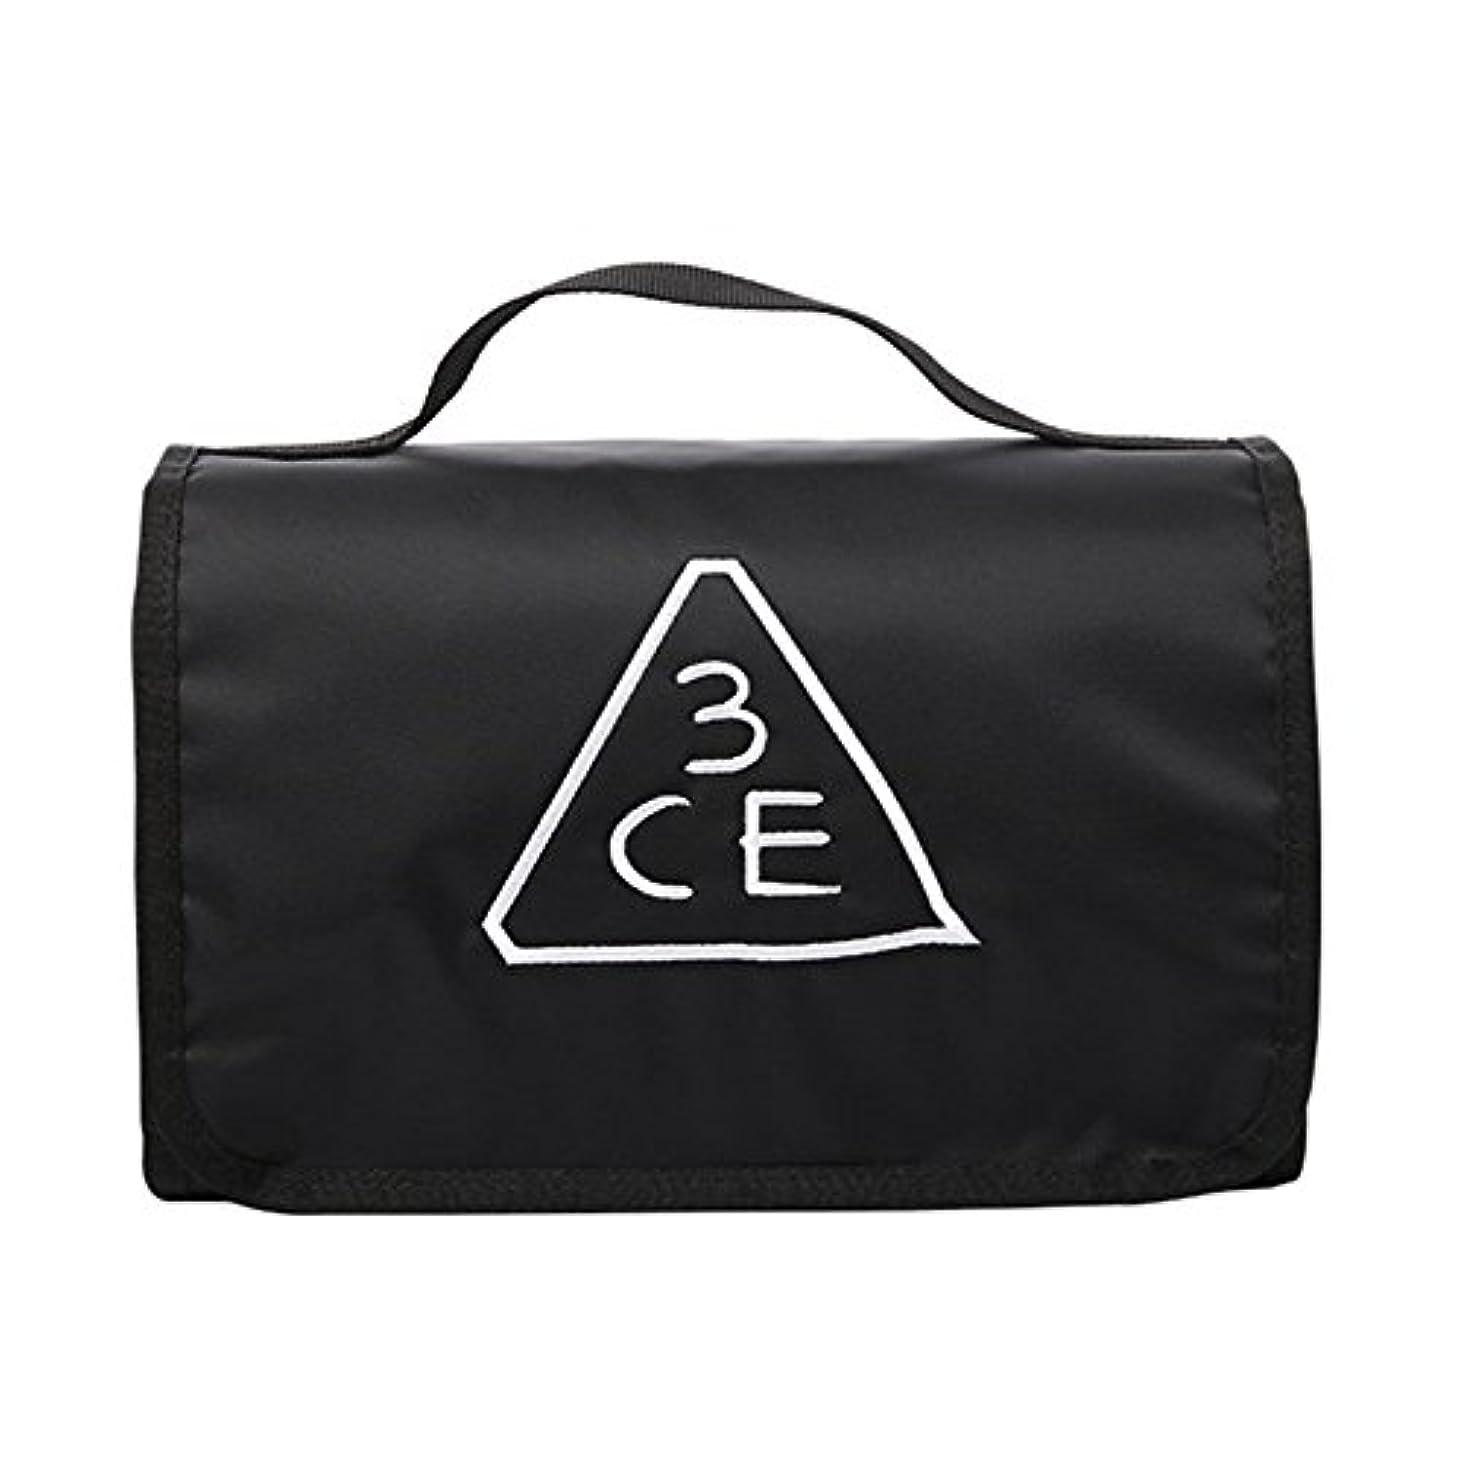 ミッションバッジ修正する3CEウォッシュバッグ防水化粧ポーチ/化粧ポーチ/Kbeauty [並行輸入品]